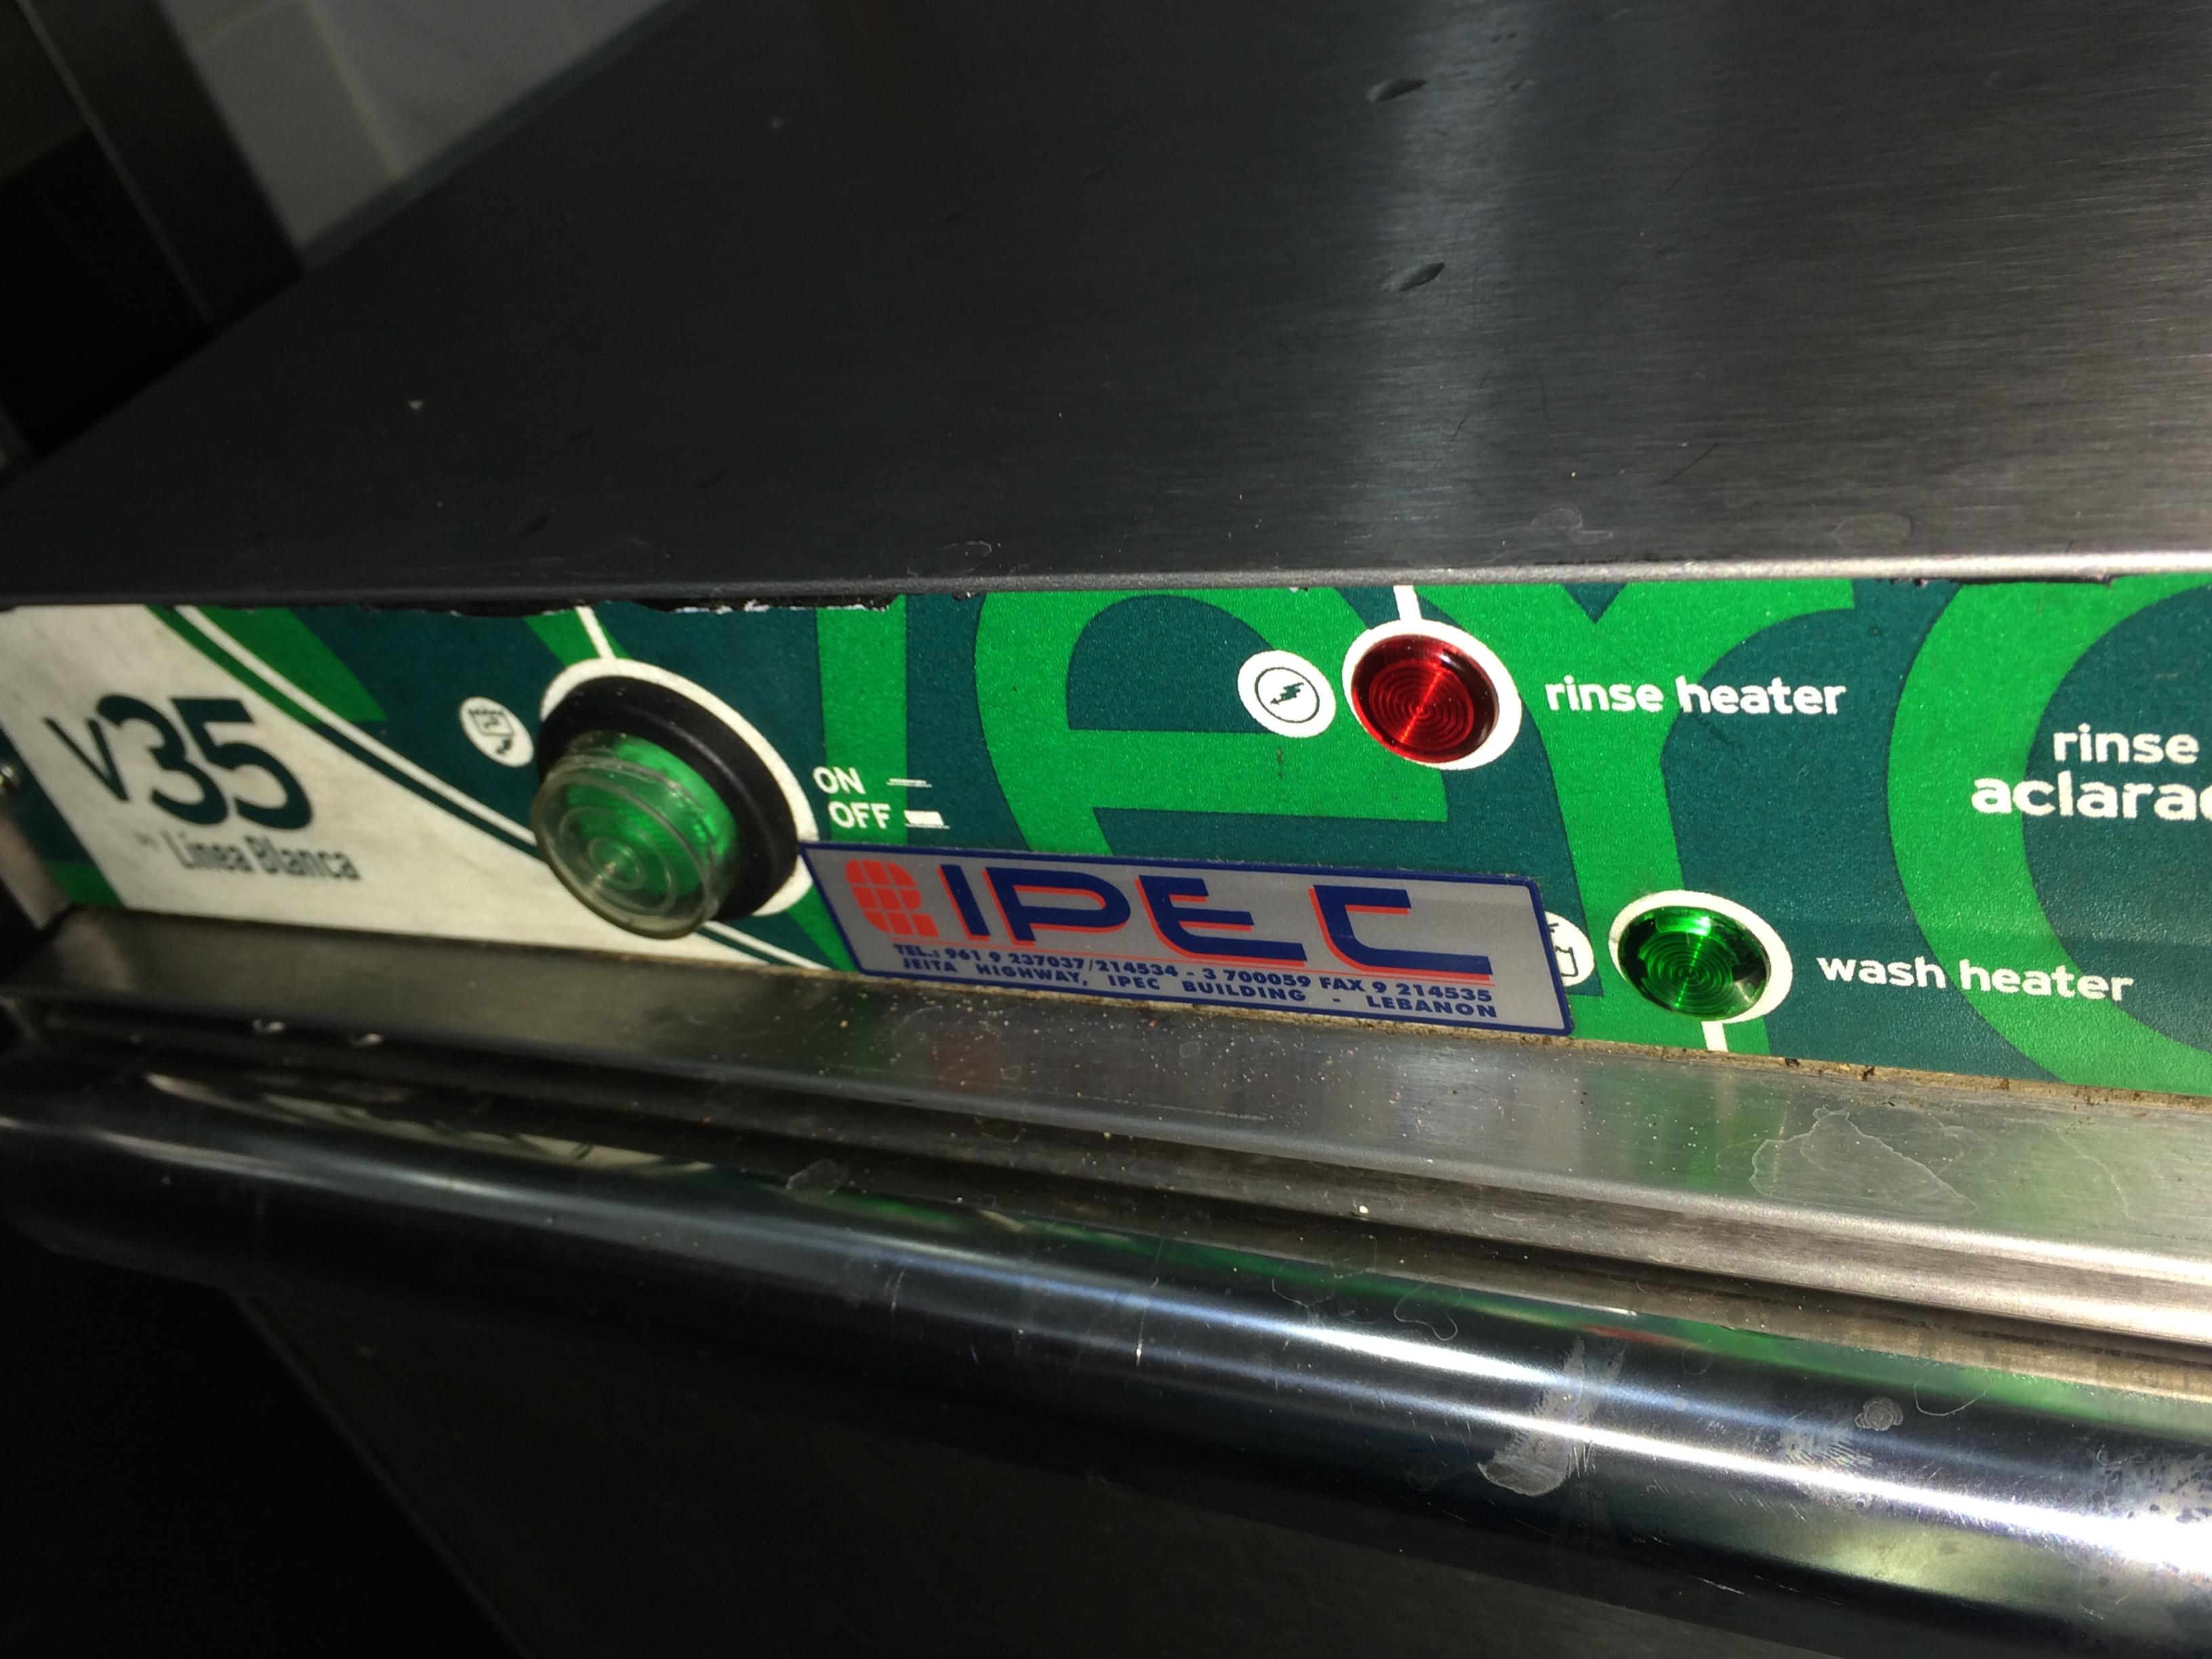 restaurant glass washer